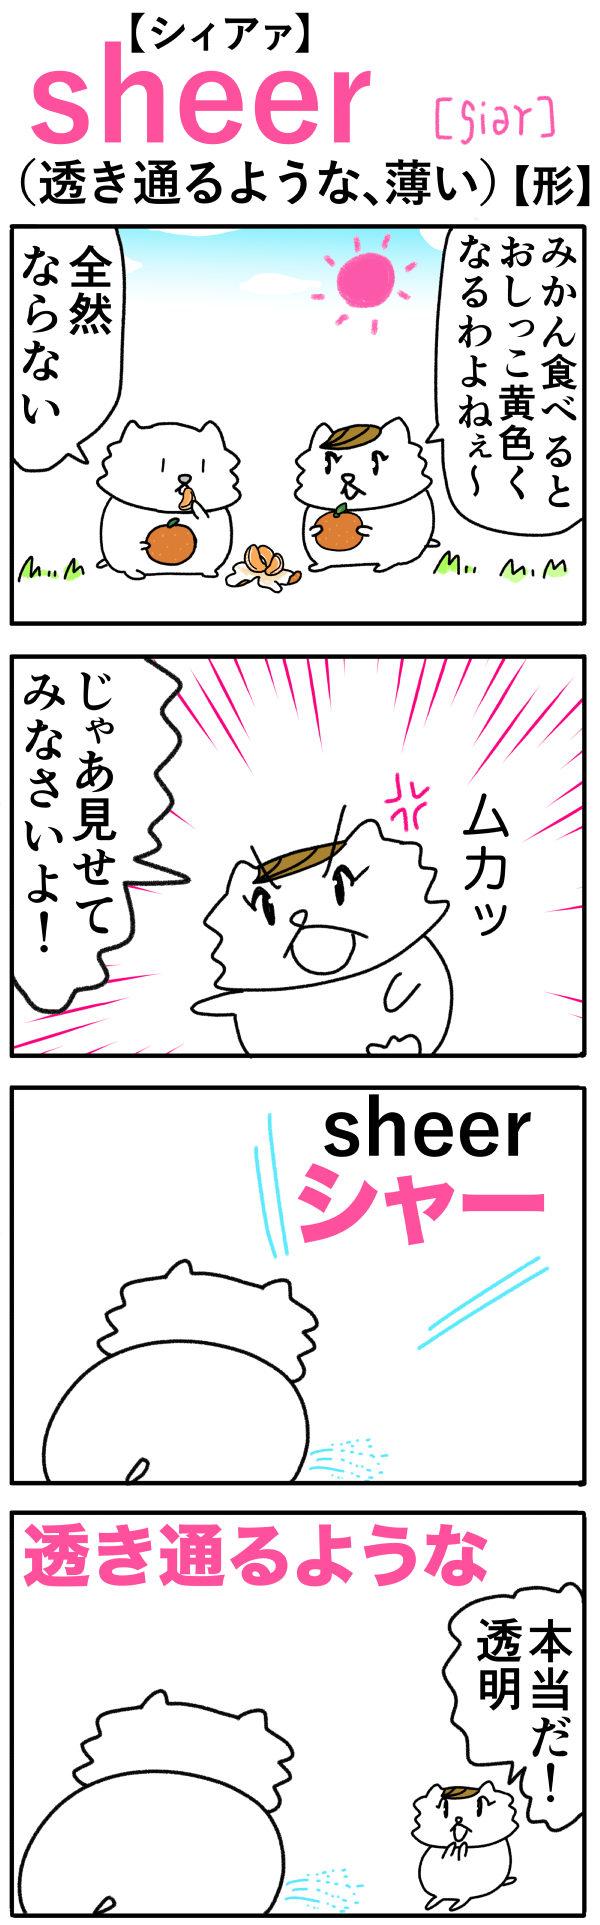 sheer(透き通るような)の語呂合わせ英単語